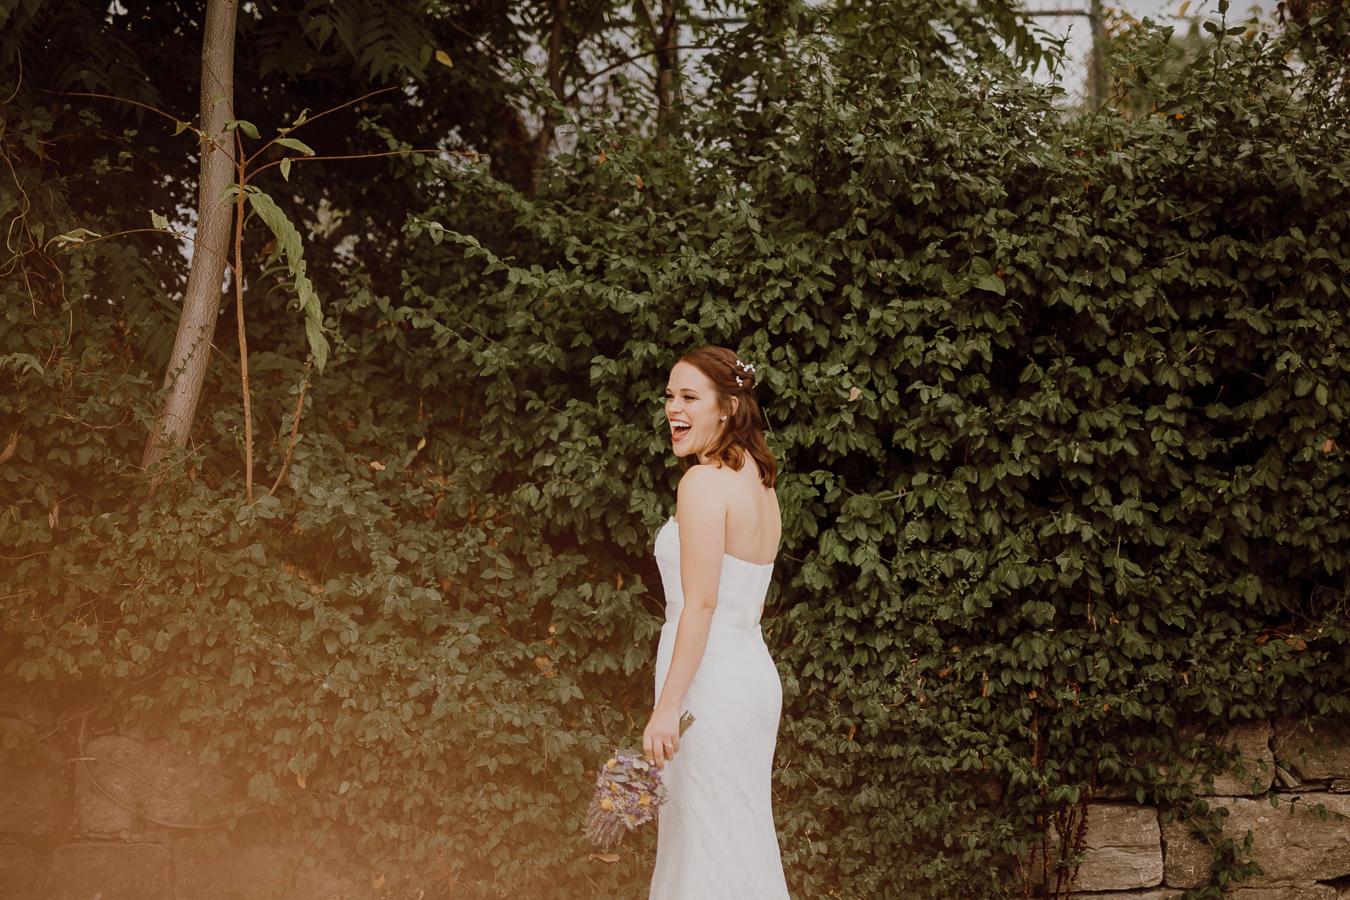 Nashville Wedding Photograpger - Photography Anthology-27.jpg